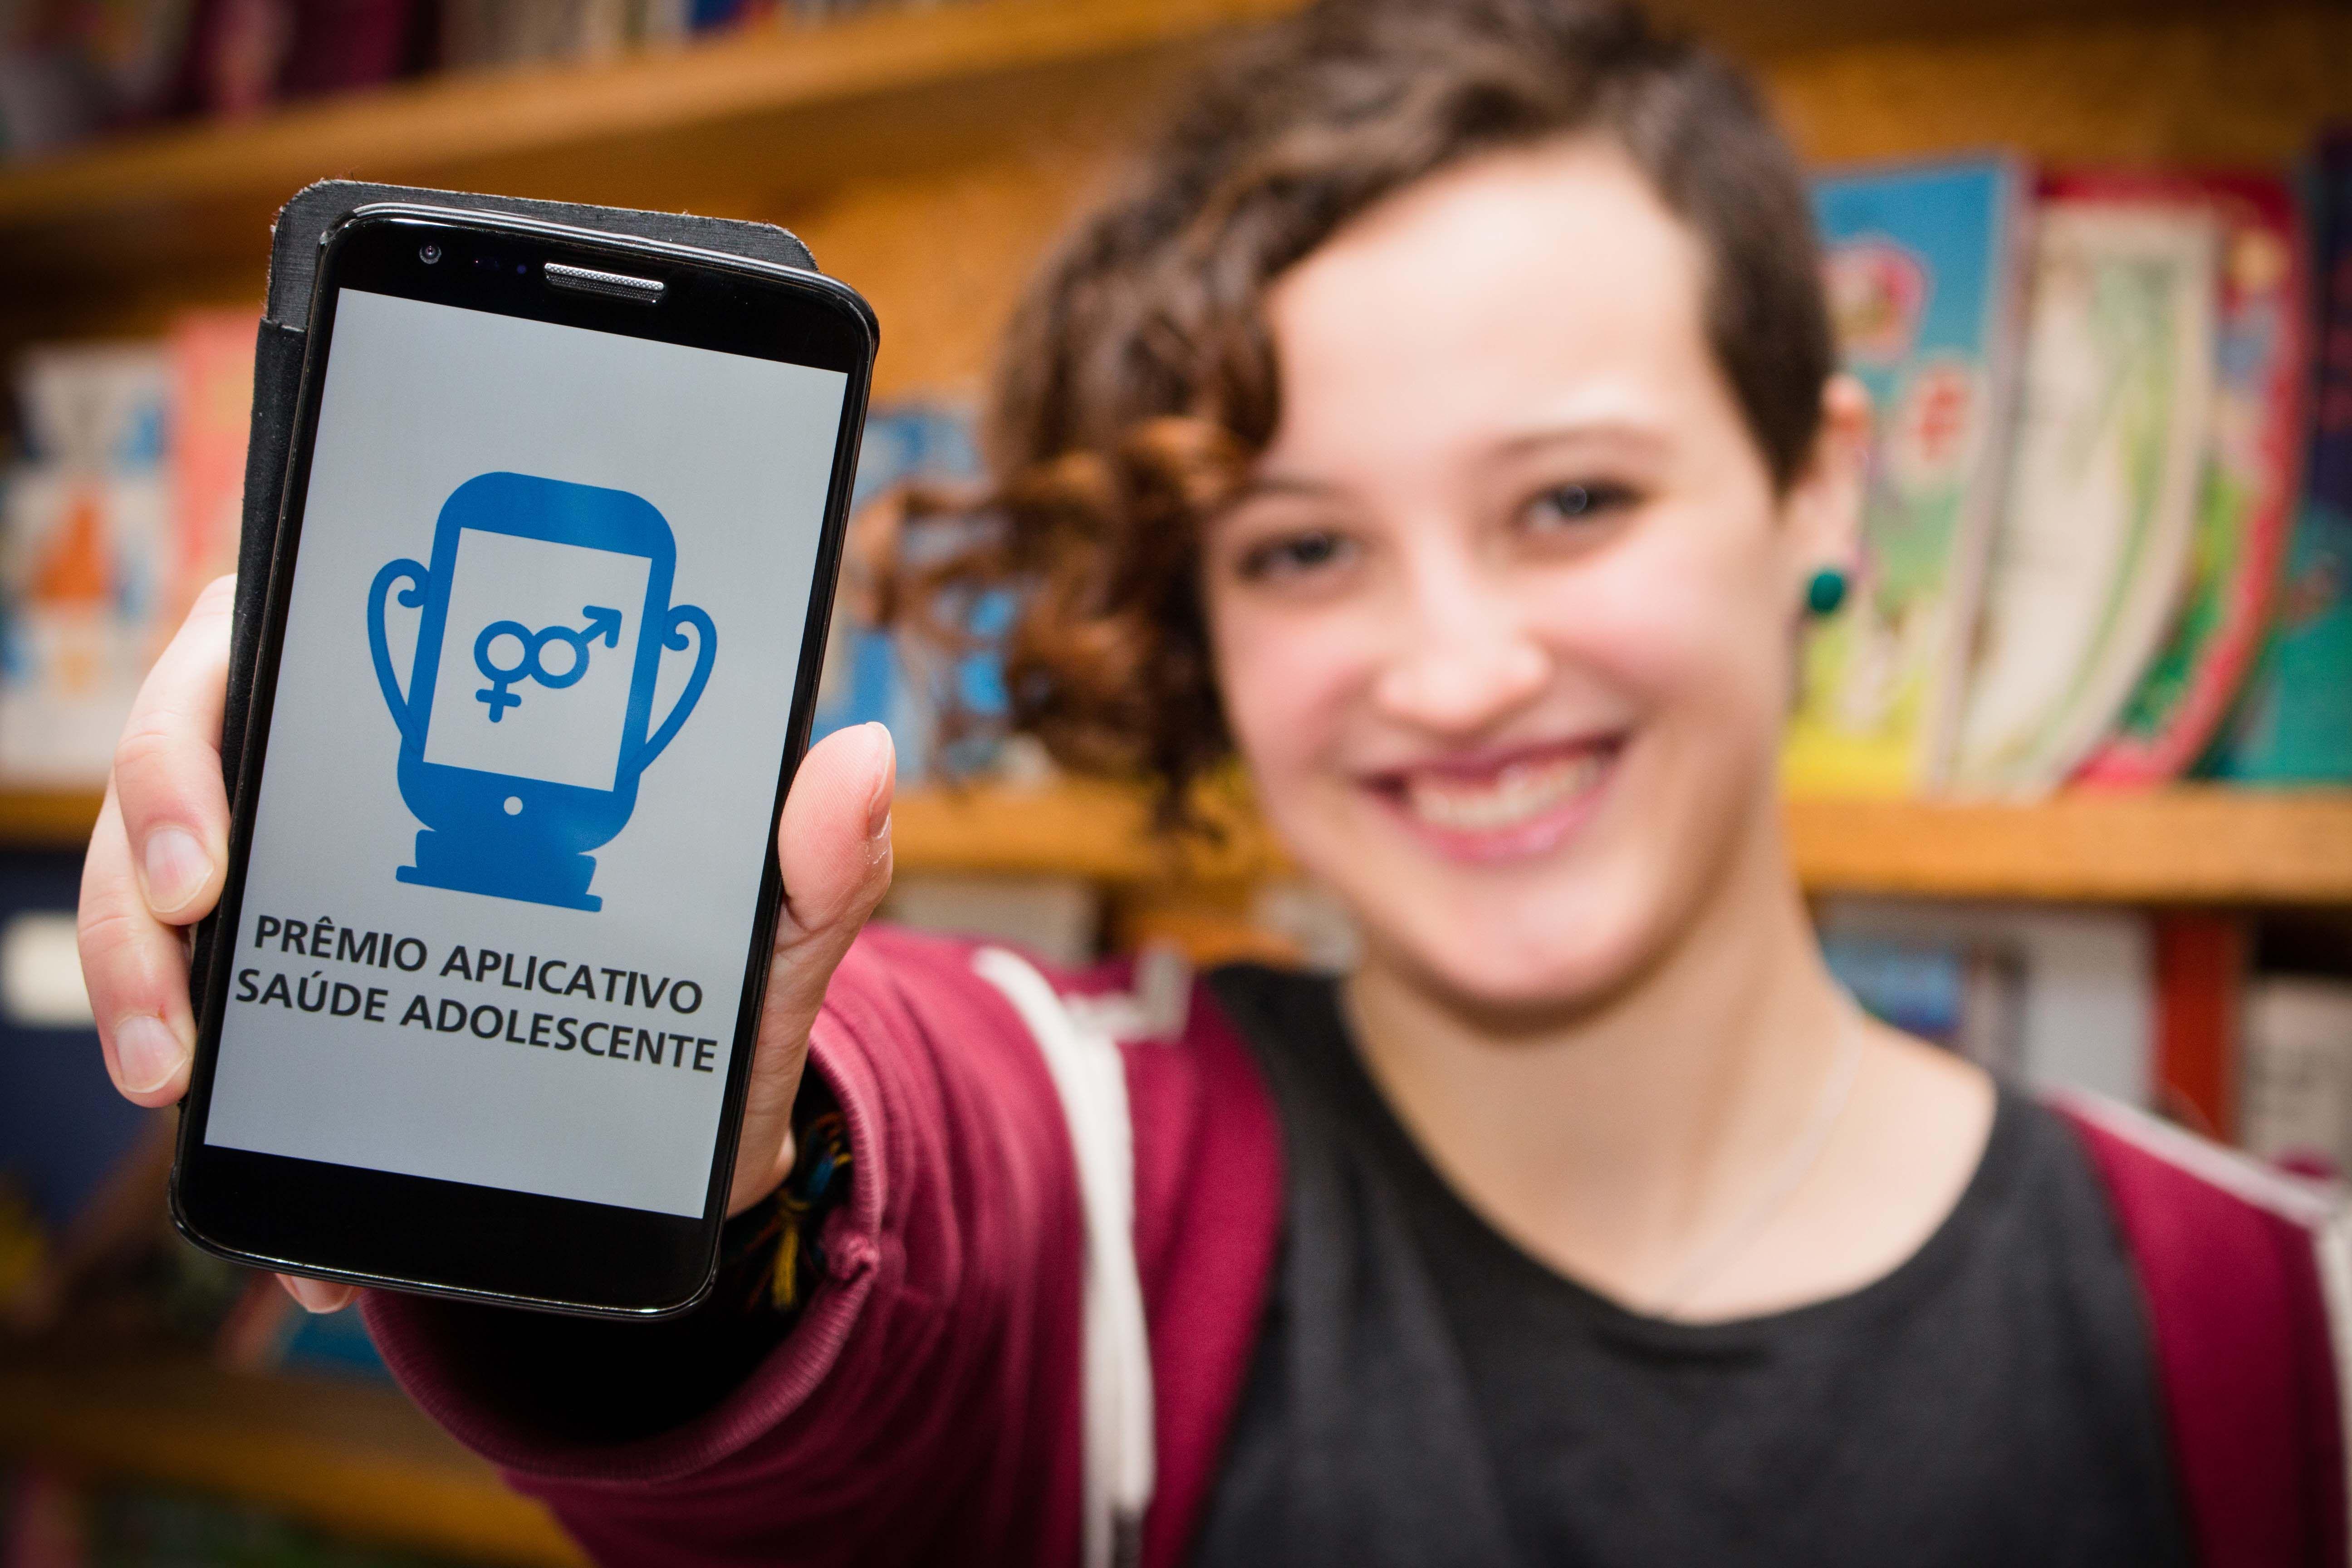 Concurso de tecnologia e saúde oferece viagem e smartphones 33877f3cffb